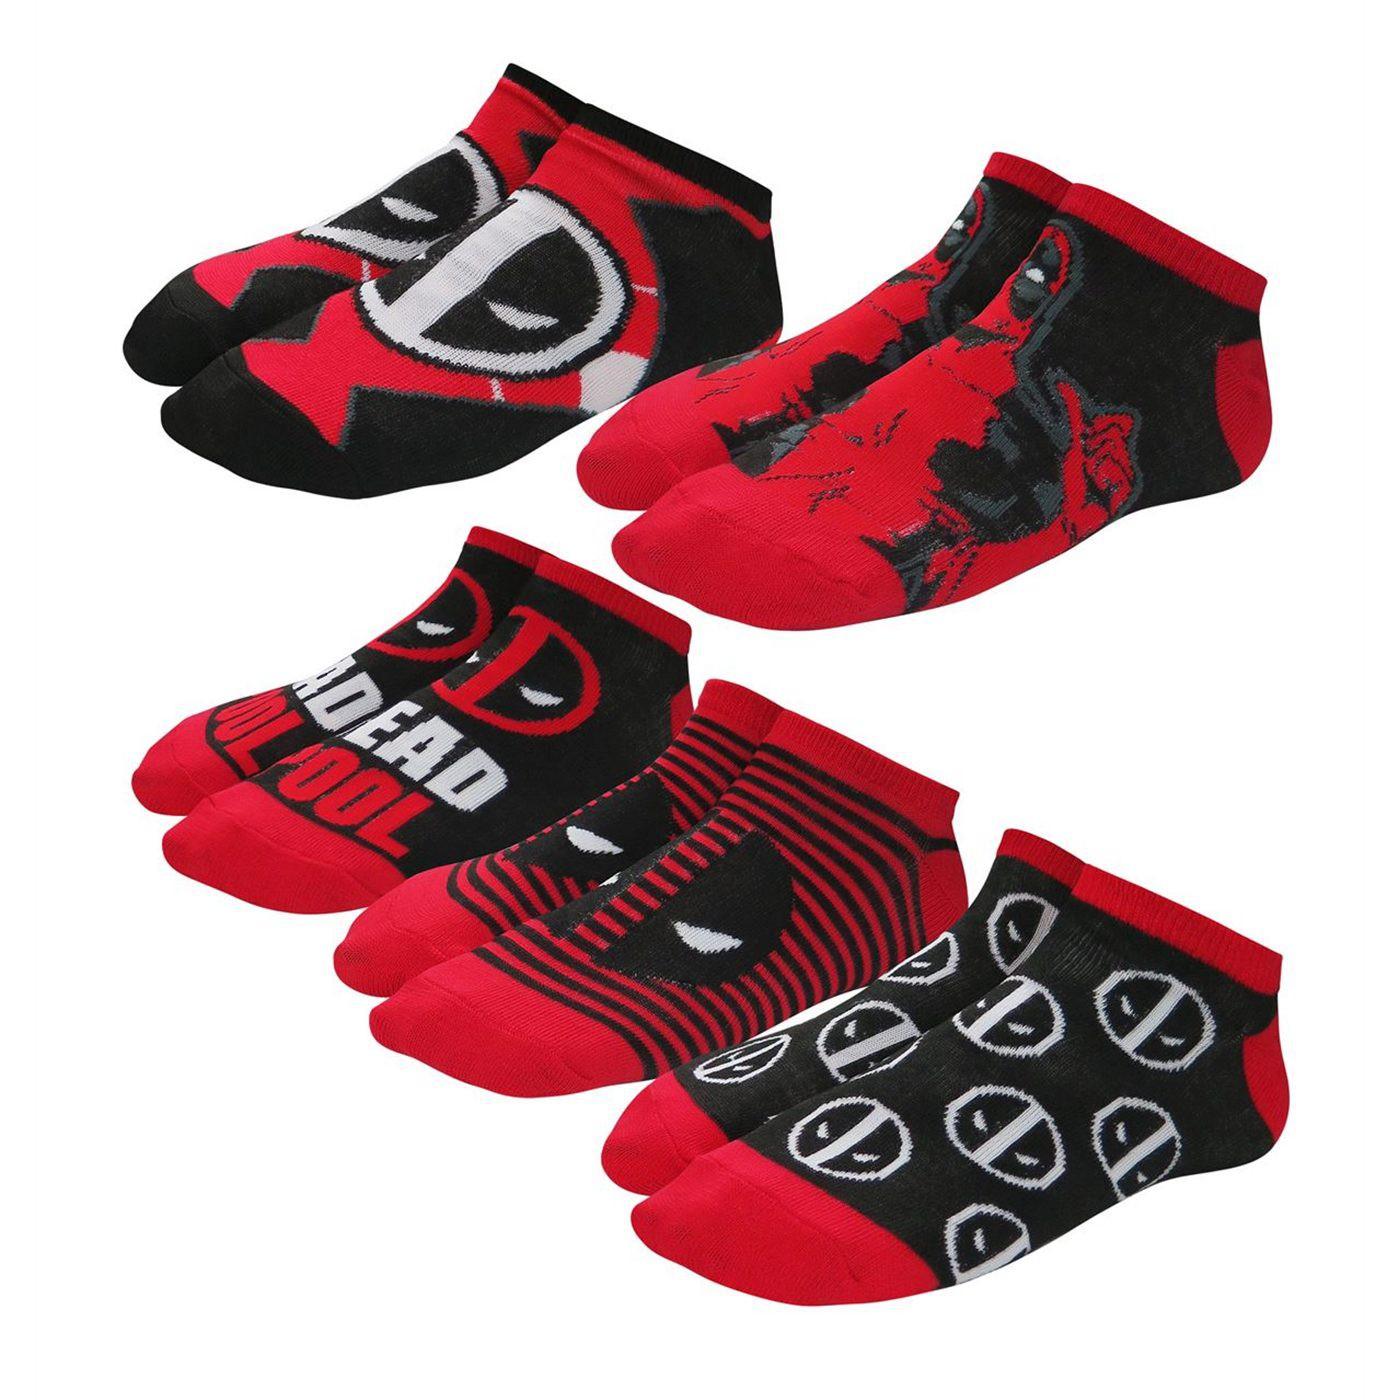 Deadpool Symbols Women's Socks 5 Pack